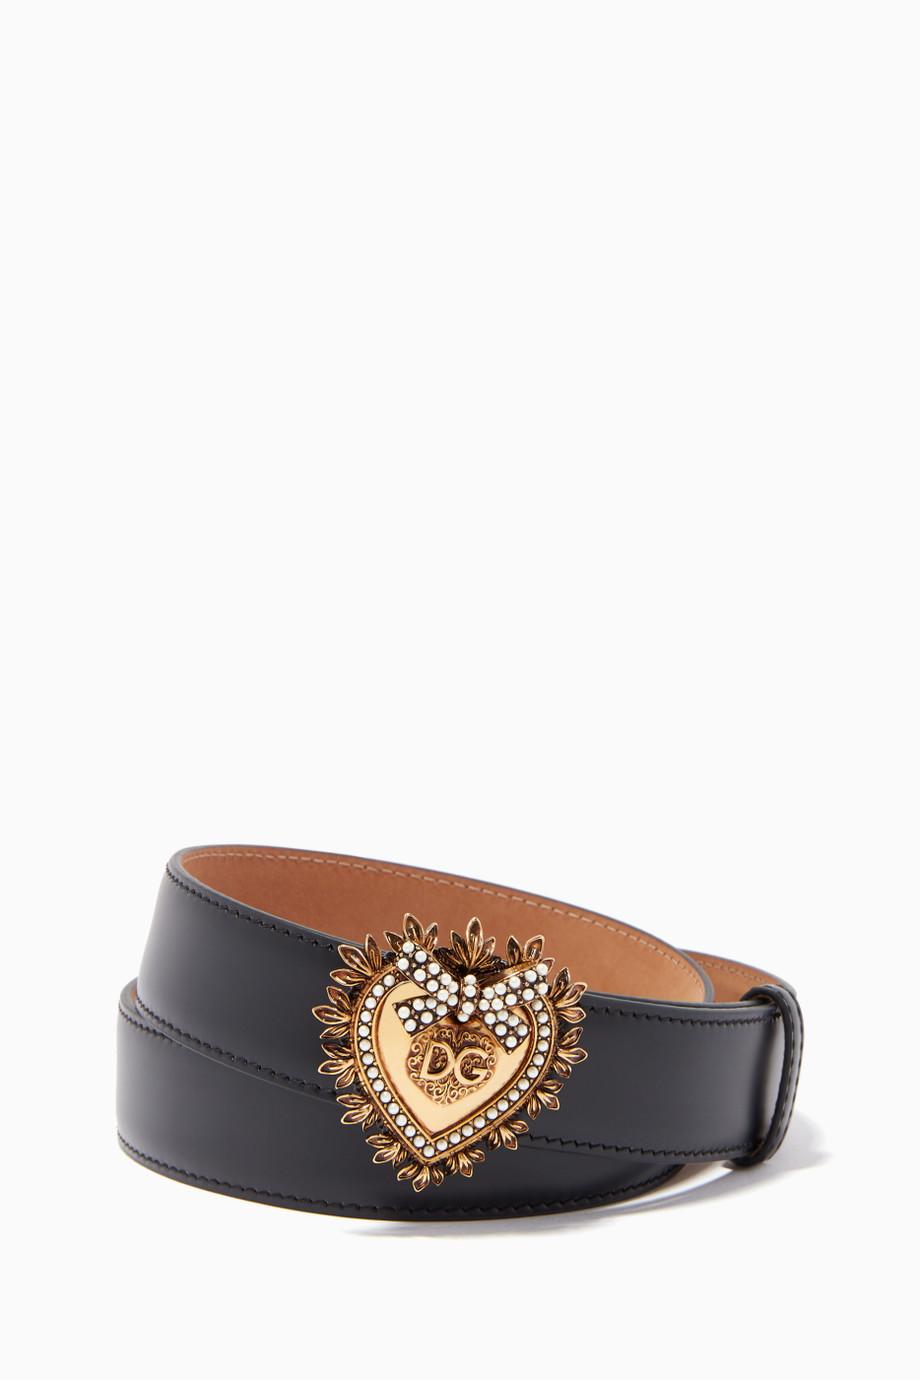 حزام باللون الرمادي المائل إلى الأسود من Dolce and Gabbana